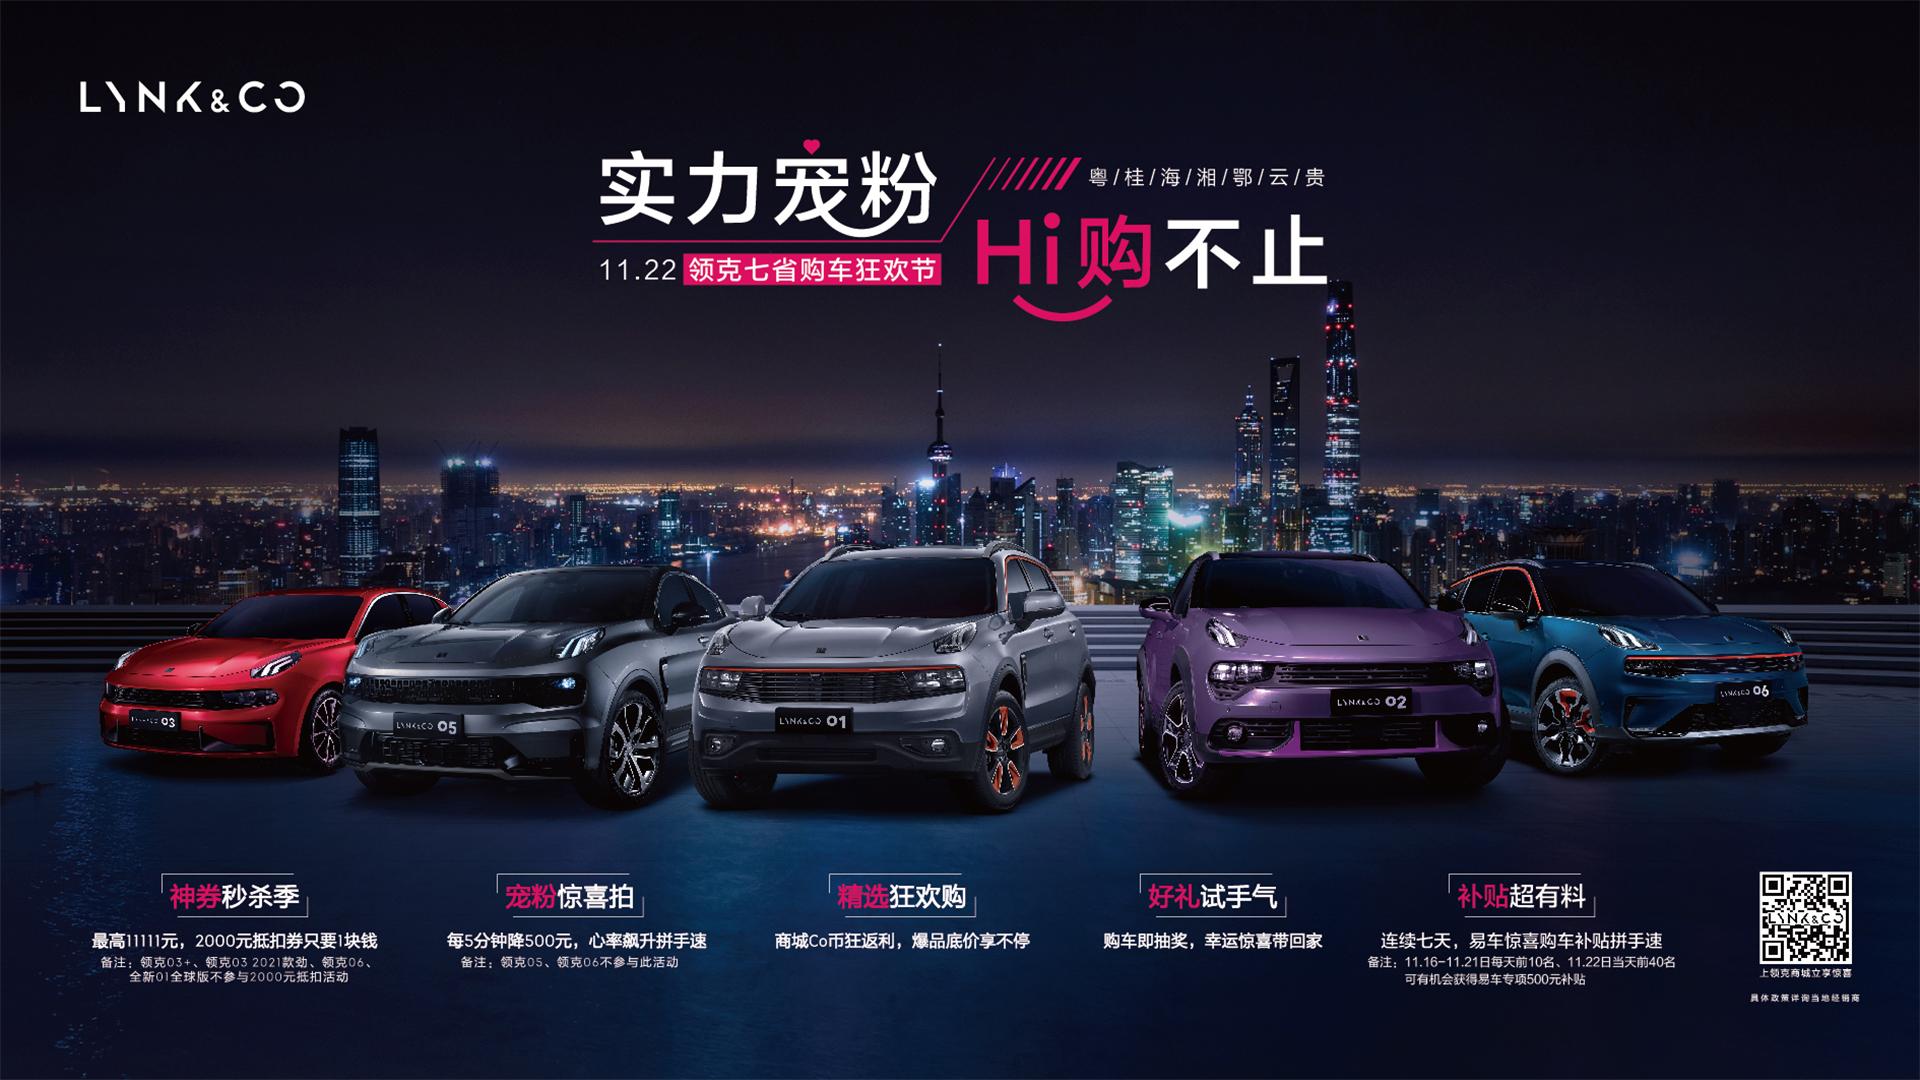 实力宠粉 Hi购不止 11.22领克七省购车狂欢节